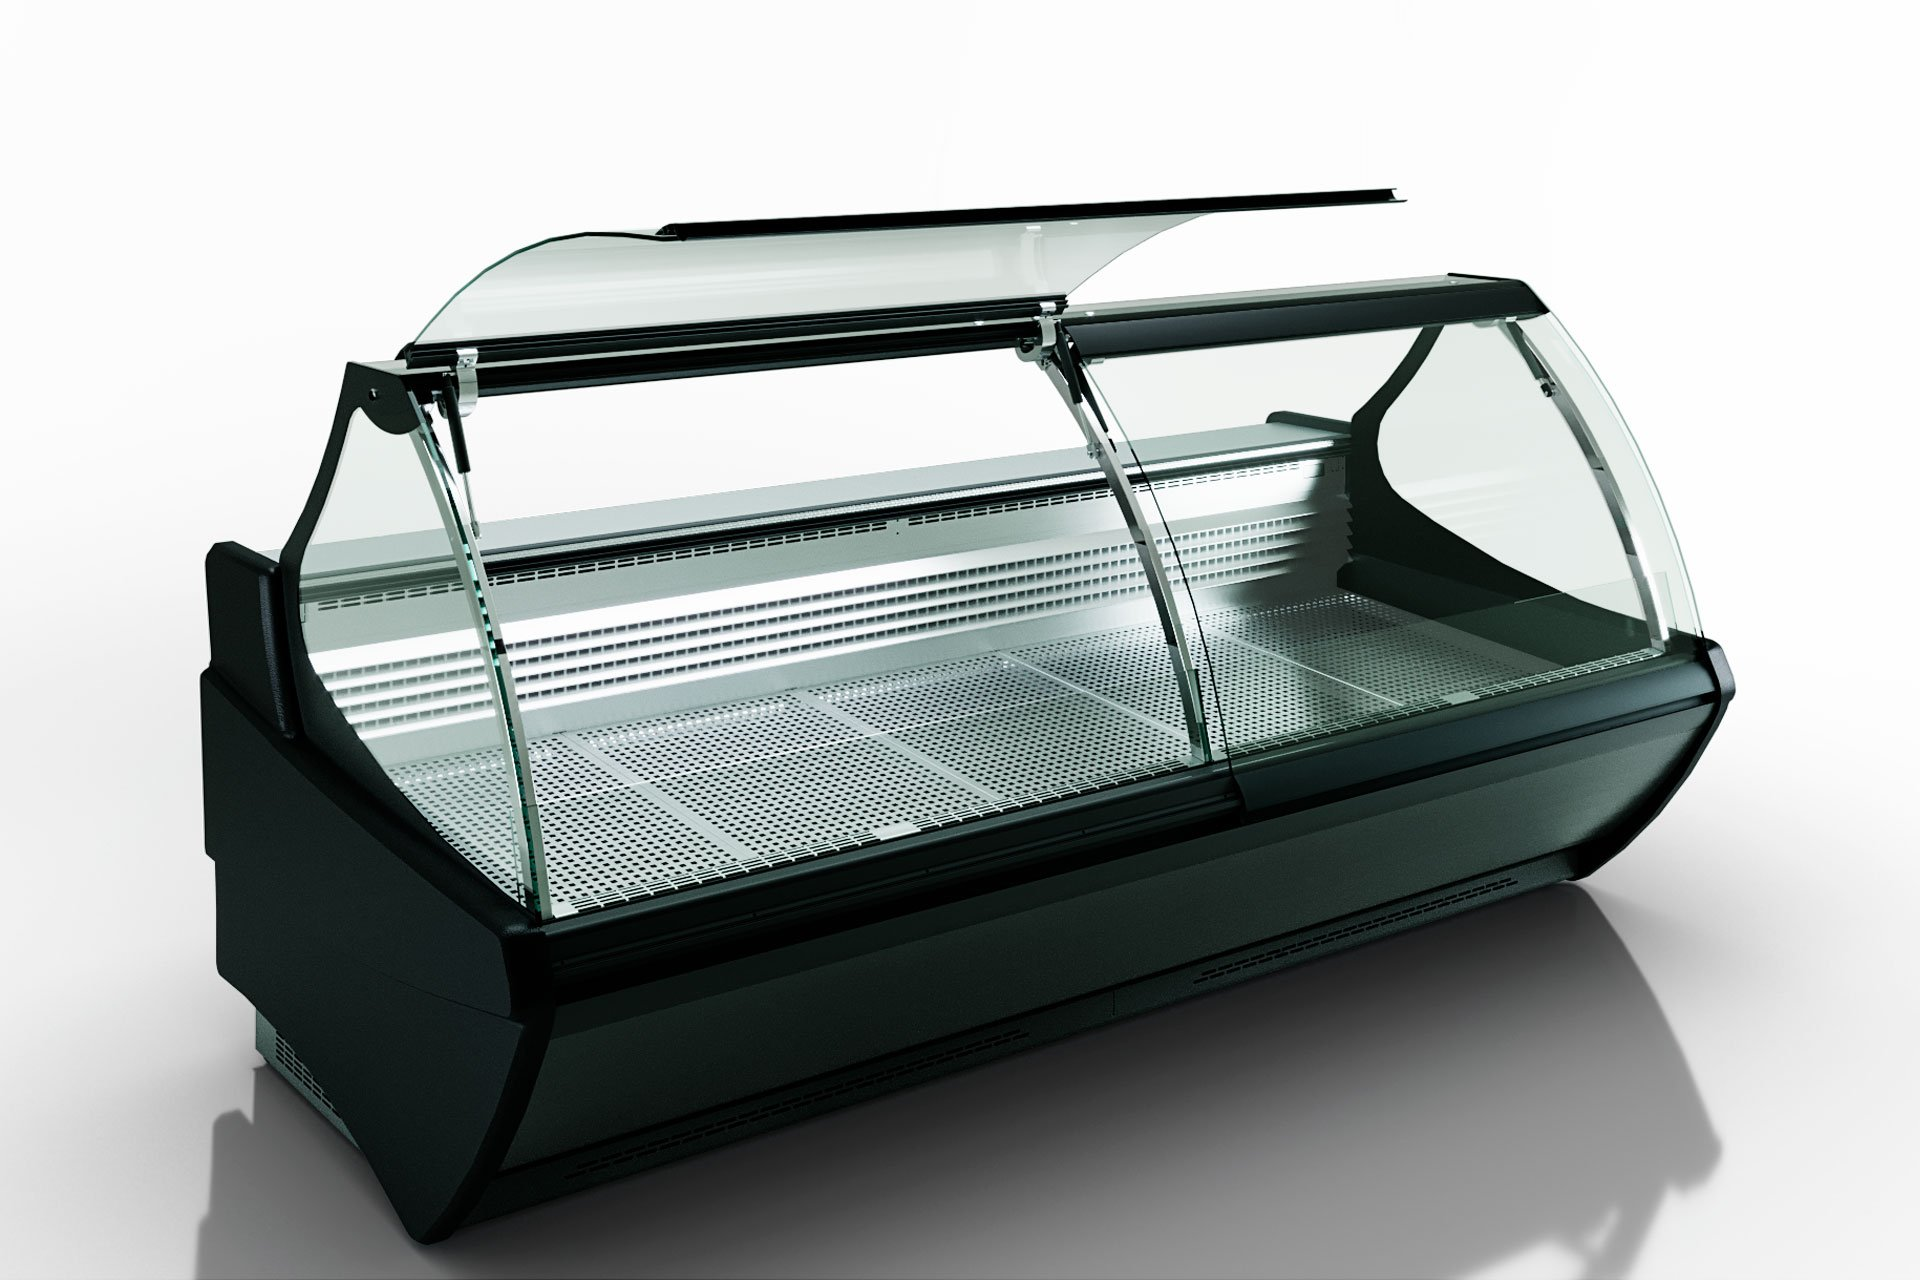 מקרר ויטרינה SYMPHONY MG 120 FISH PS/OS/SELF/T/T2 M/A